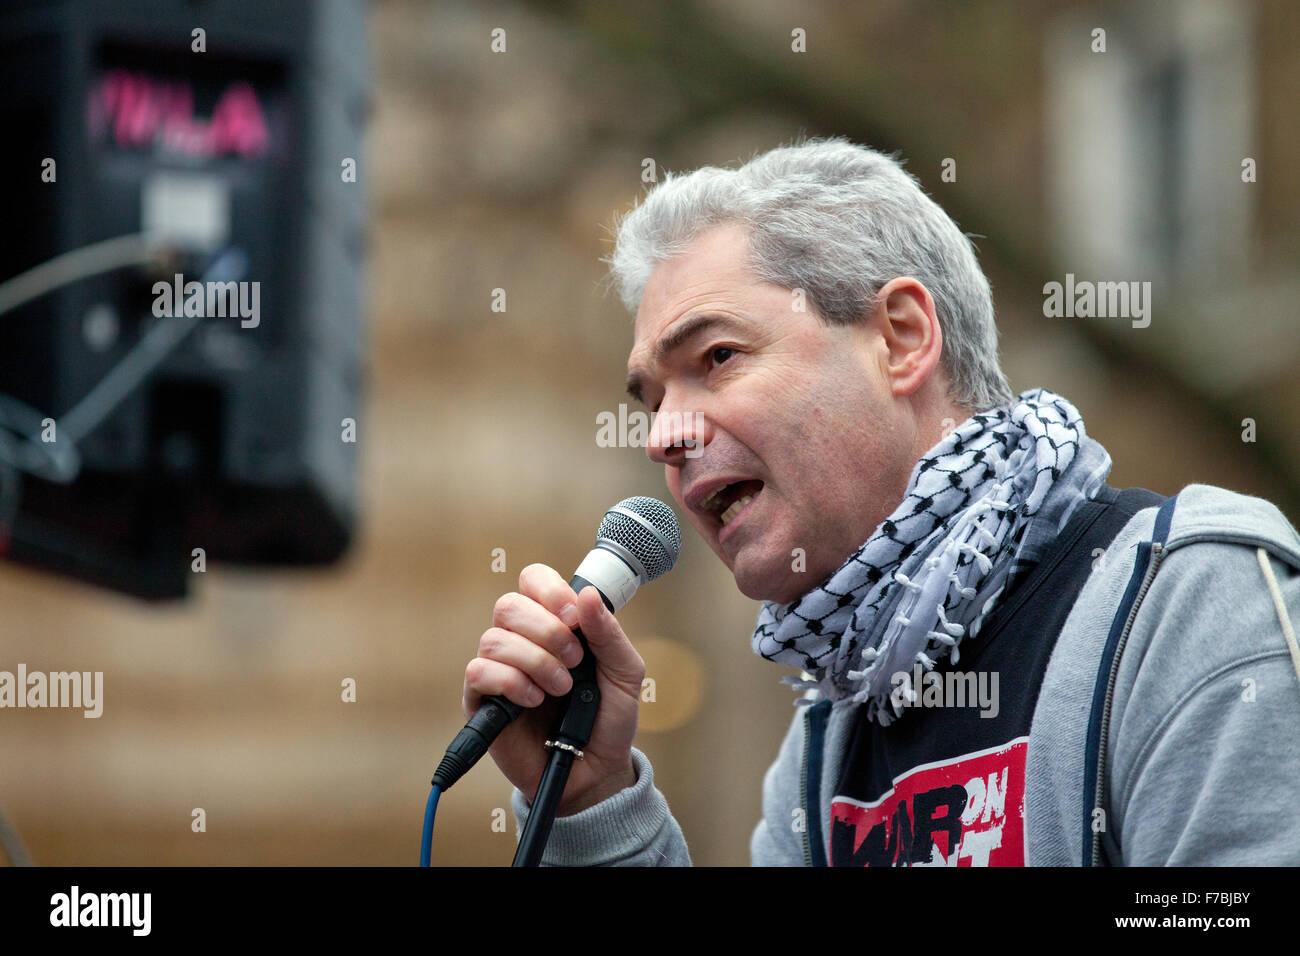 Londres, Royaume-Uni. 28 novembre, 2015. John Hilary, Directeur exécutif de War on Want, traite de la manifestation Photo Stock